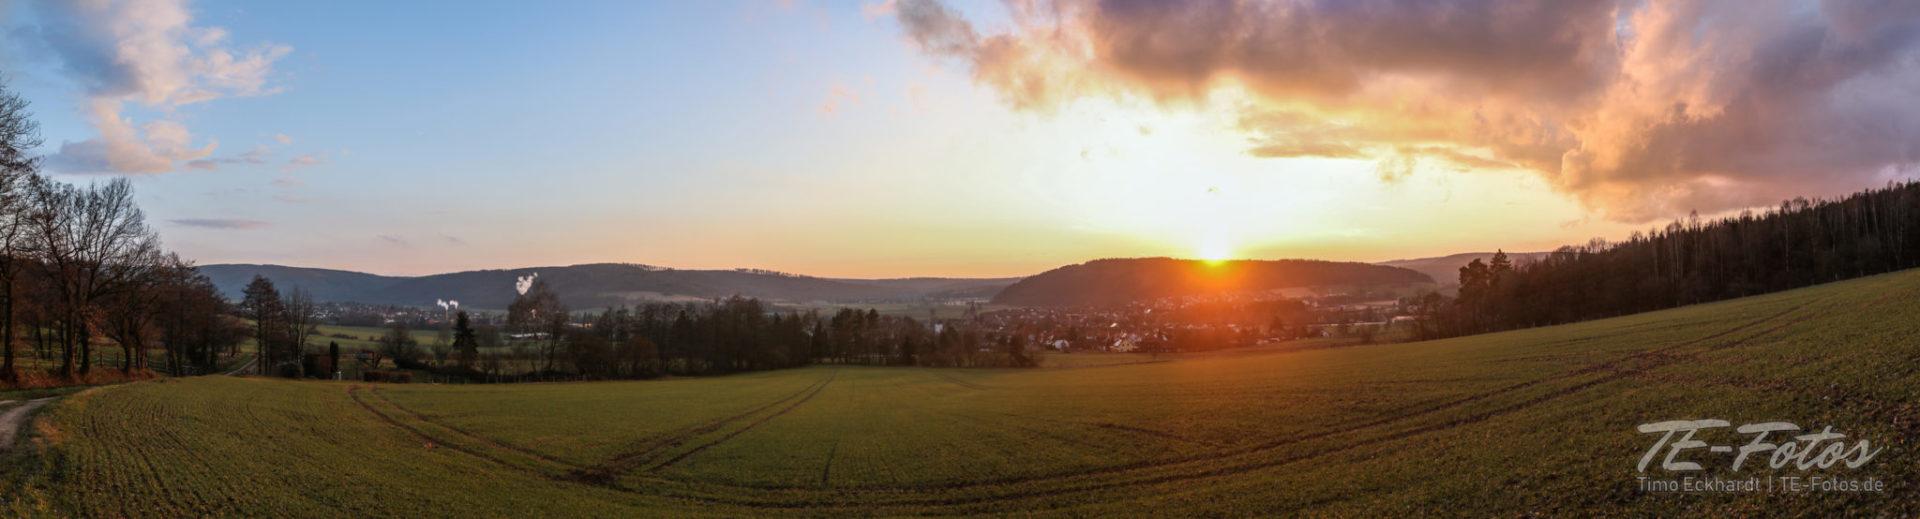 Sonnenuntergang im Weserbergland - Bodenfelde im Gegenlich der Sonne. Wo die Weser einen Bogen macht.